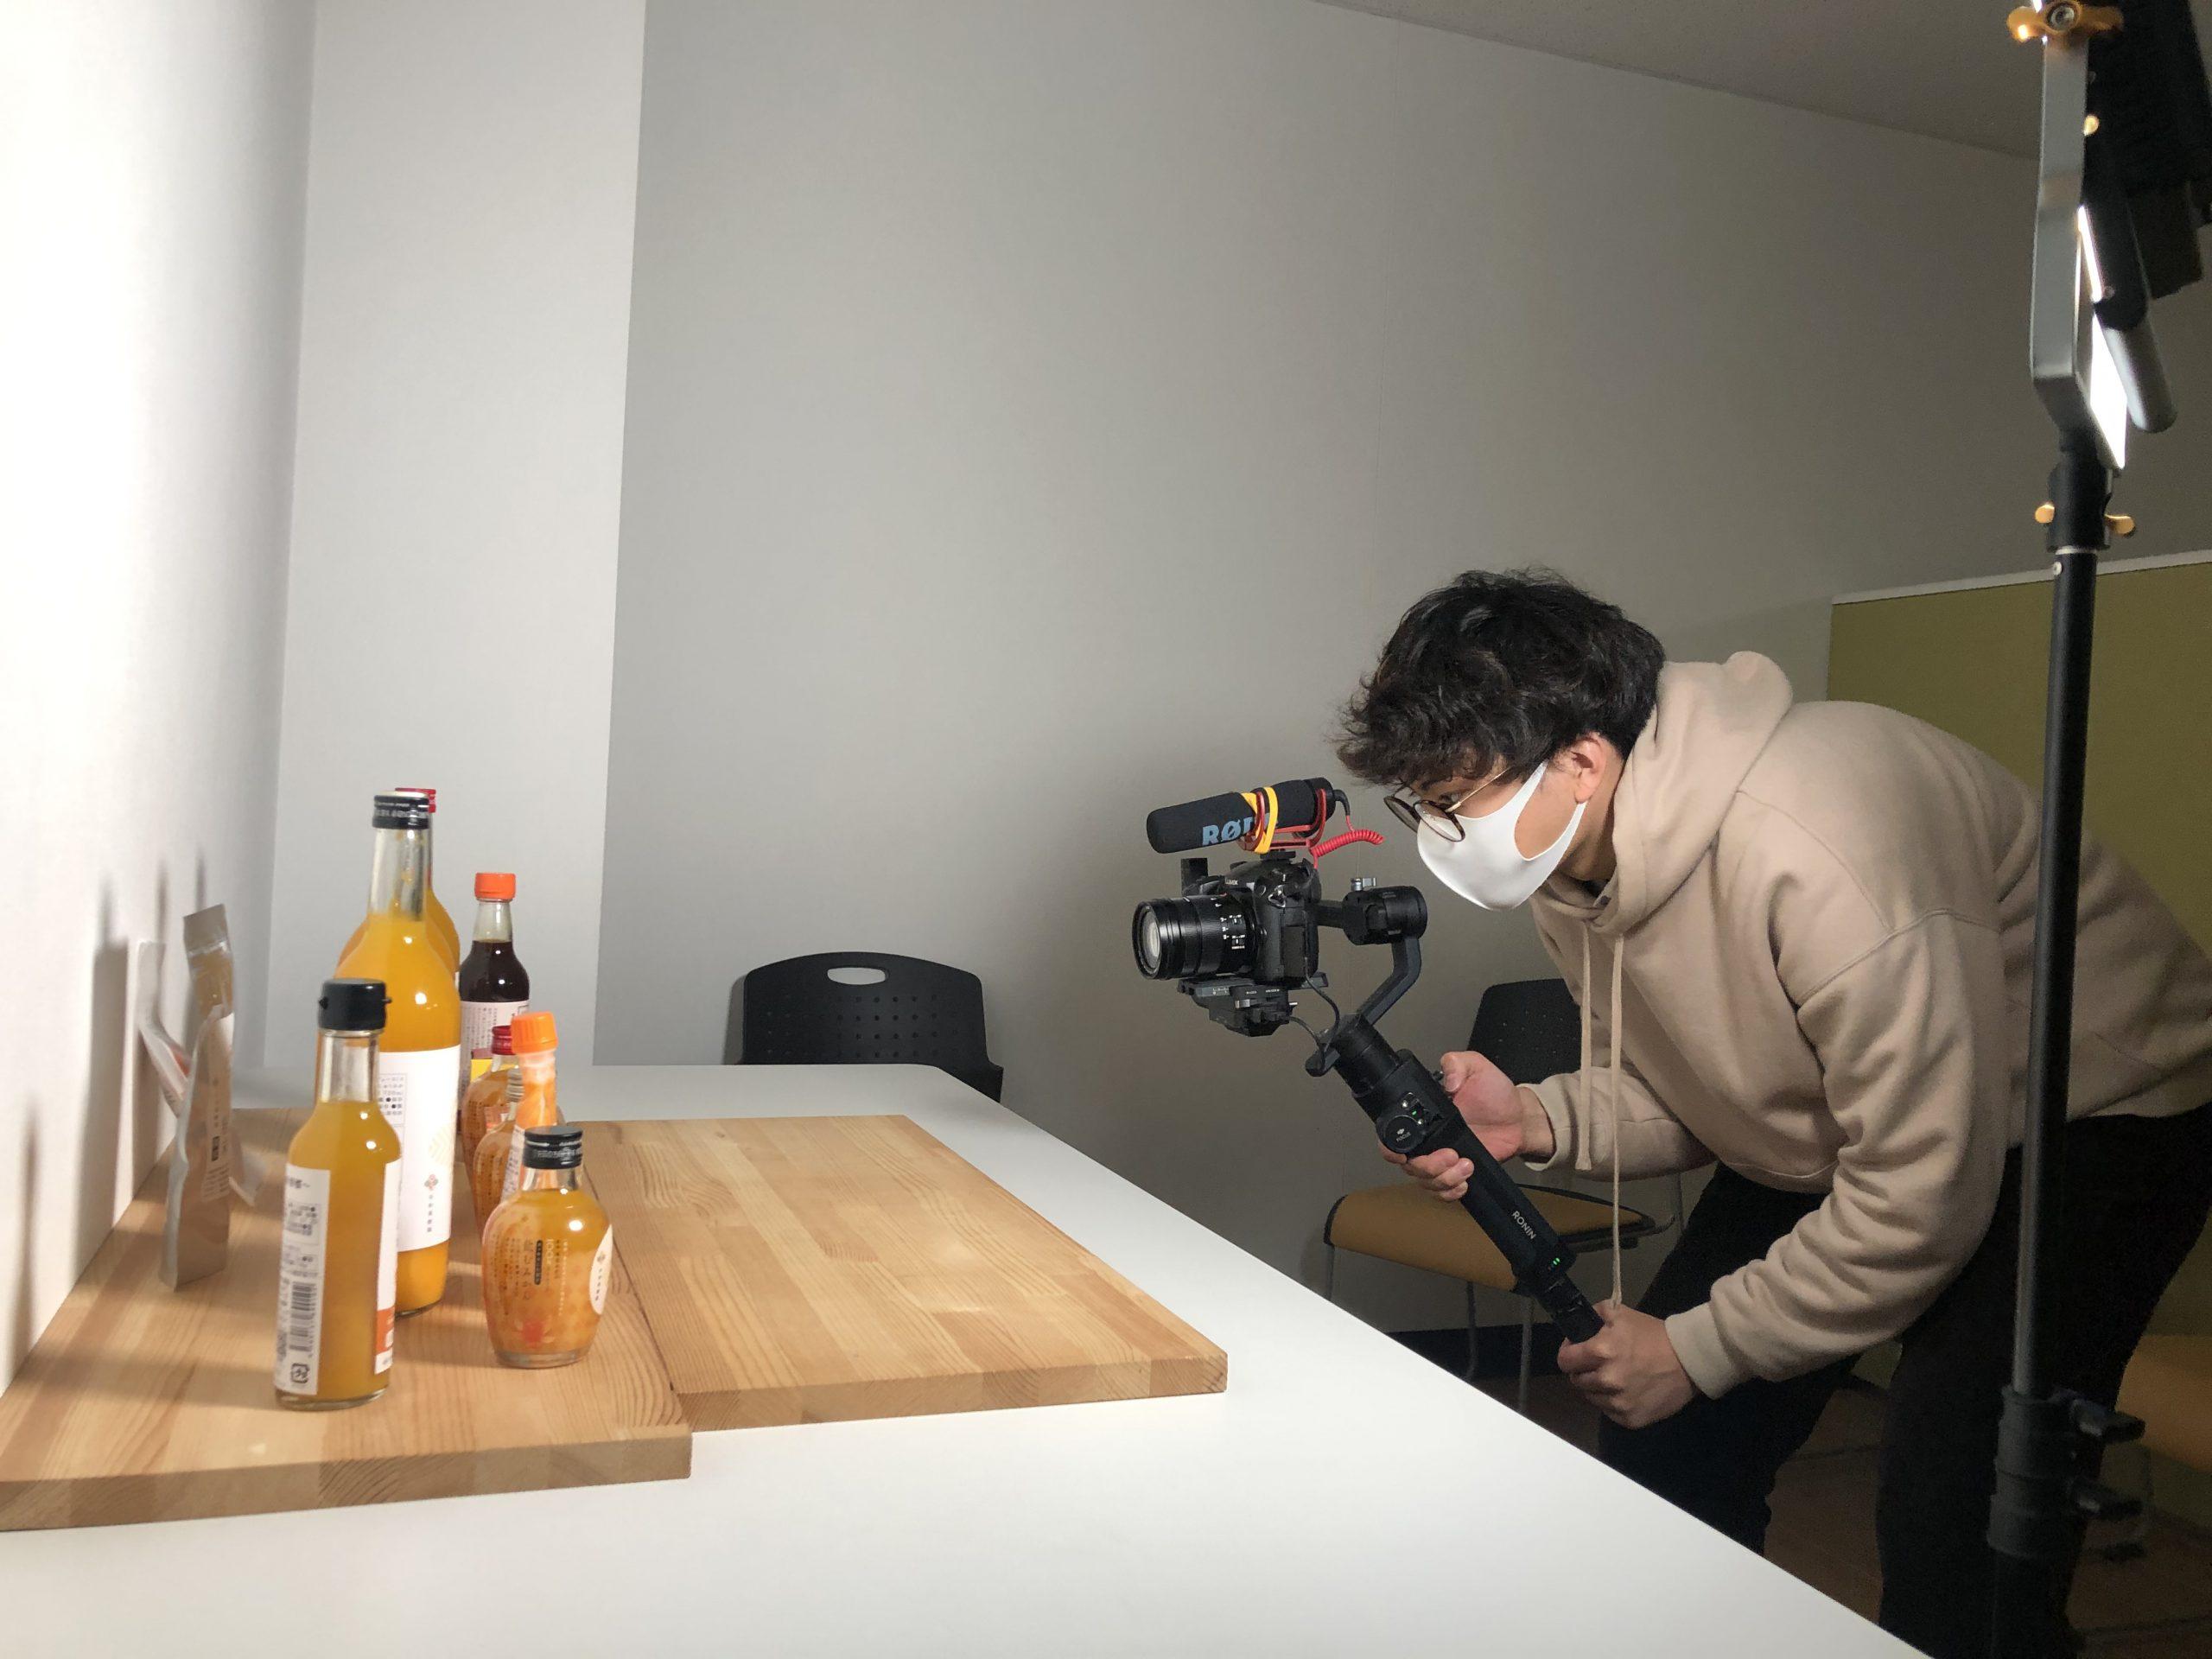 早和果樹園の商品を並べて、プロのカメラマンが撮影する風景。